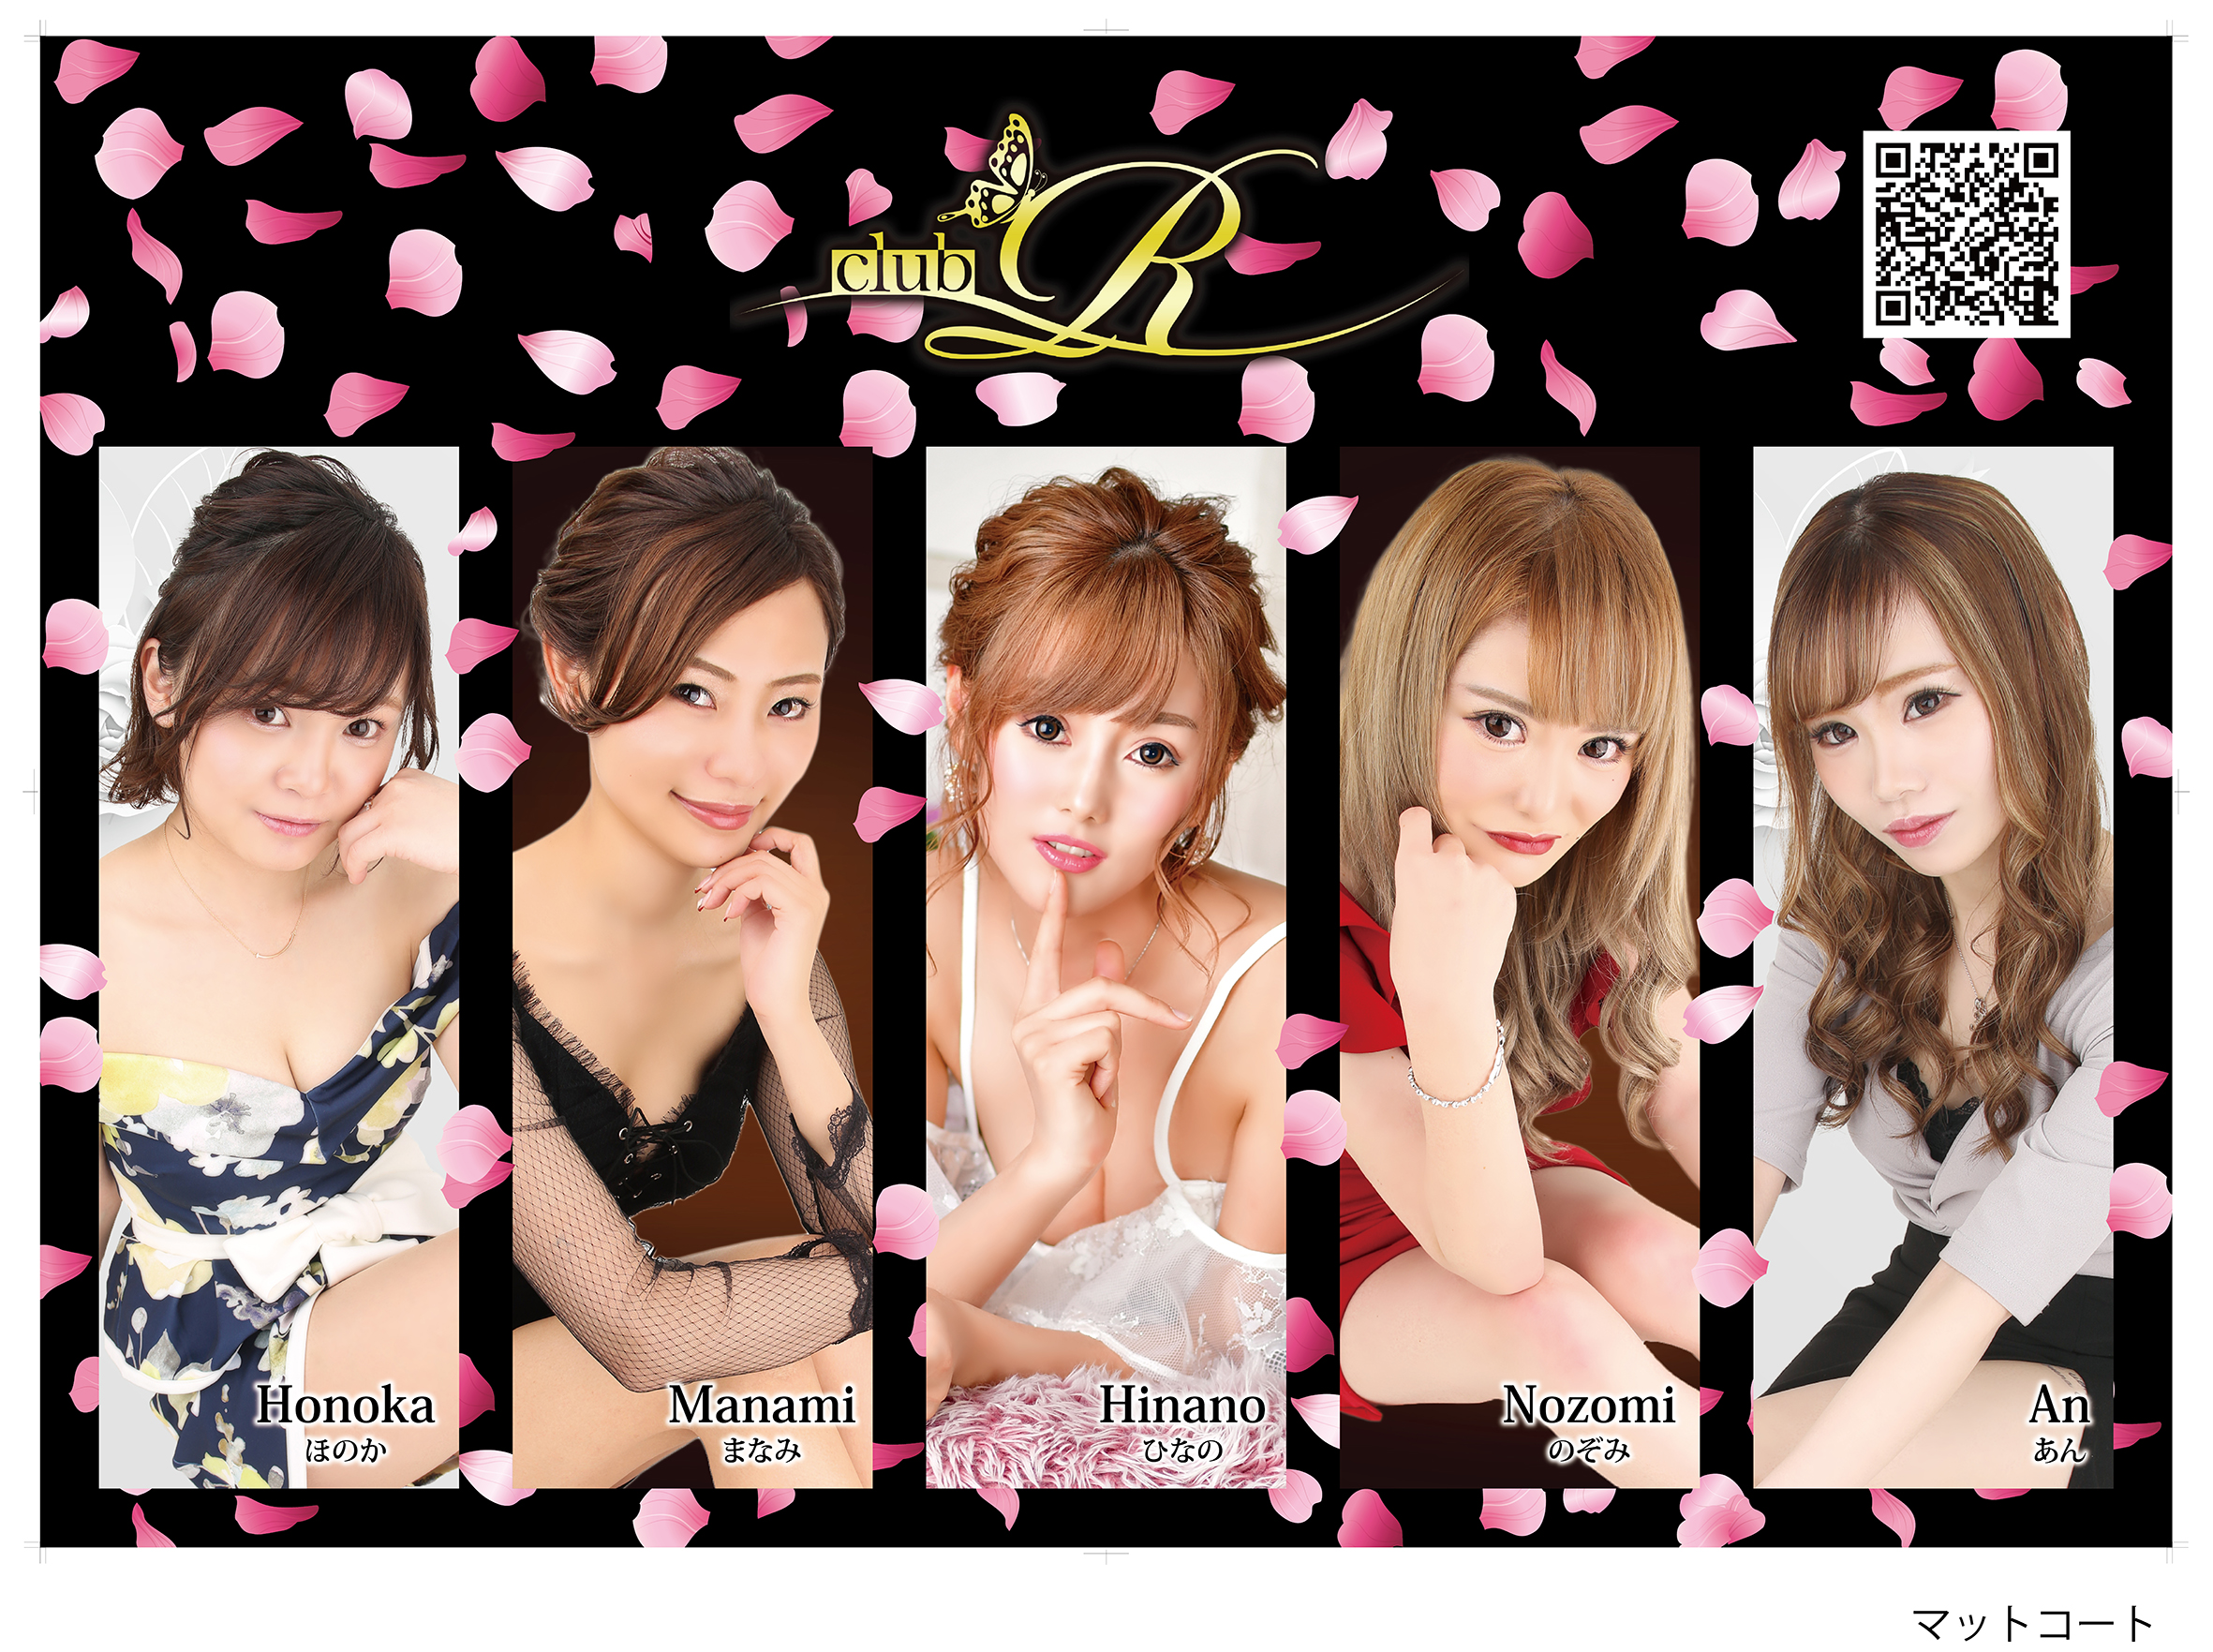 広島県 福山・尾道・三原 キャバクラ club R 《MIHARA》の店舗画像